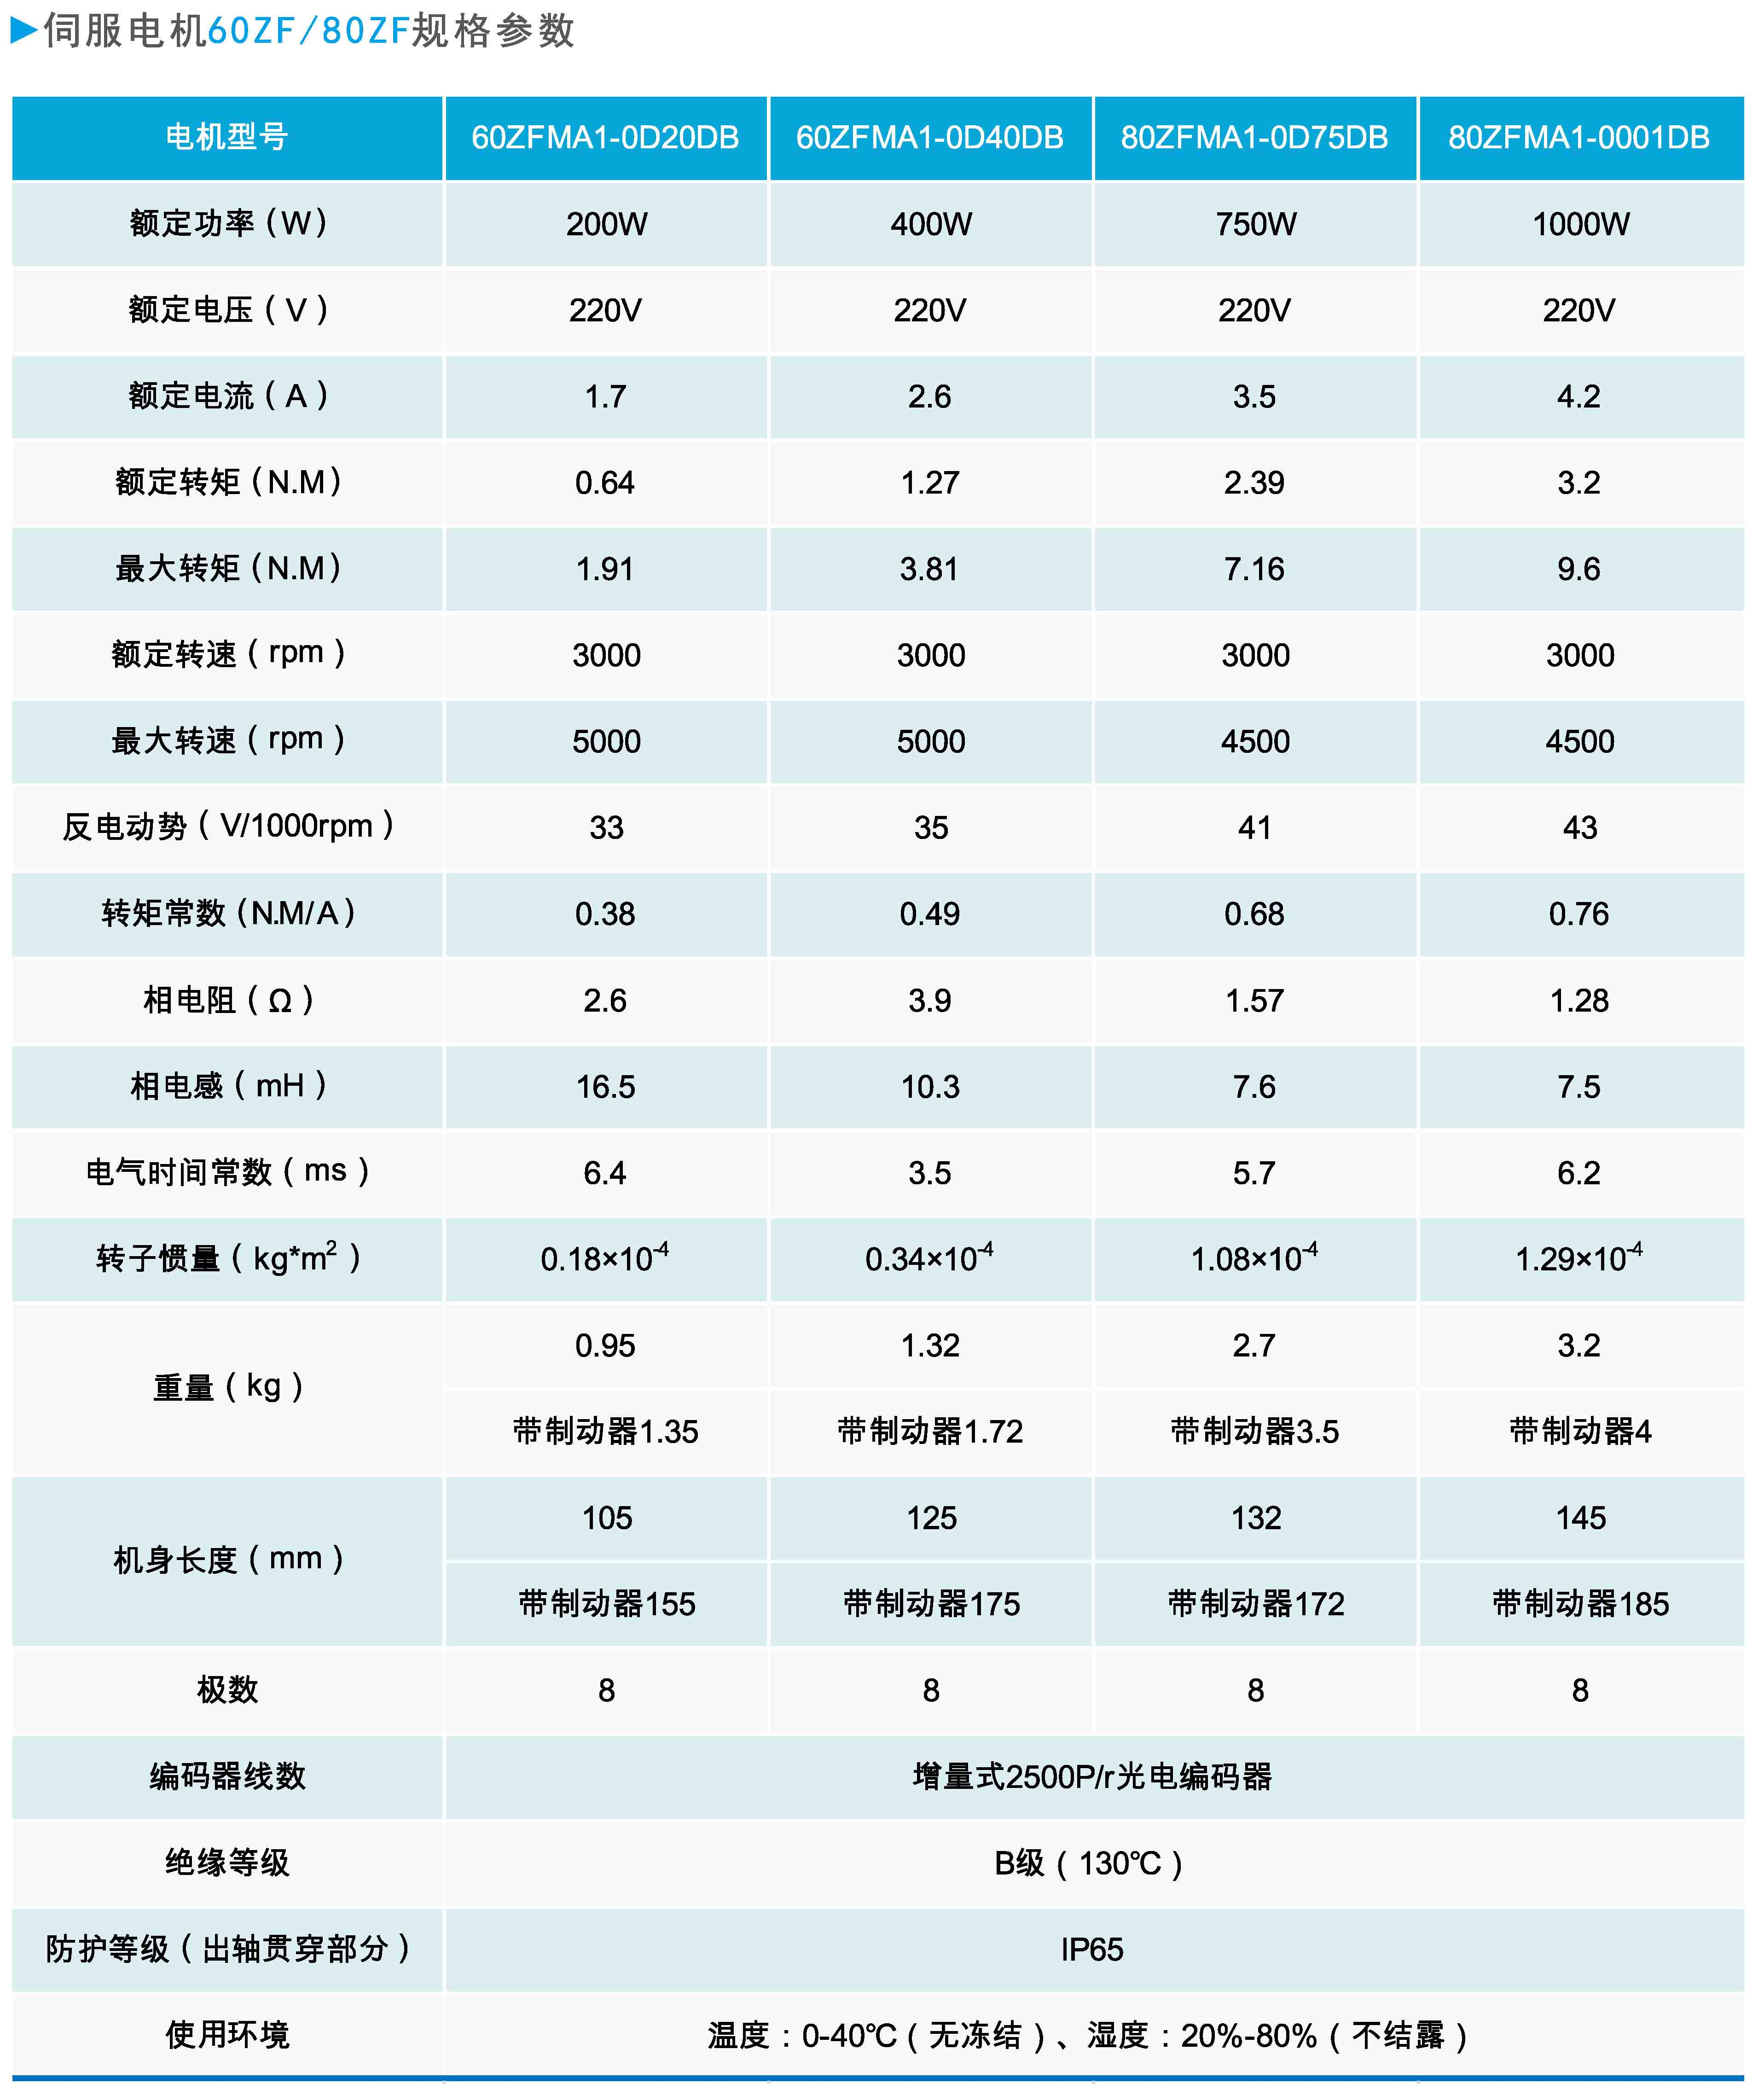 伺服电机60ZF80ZF规格参数.JPG